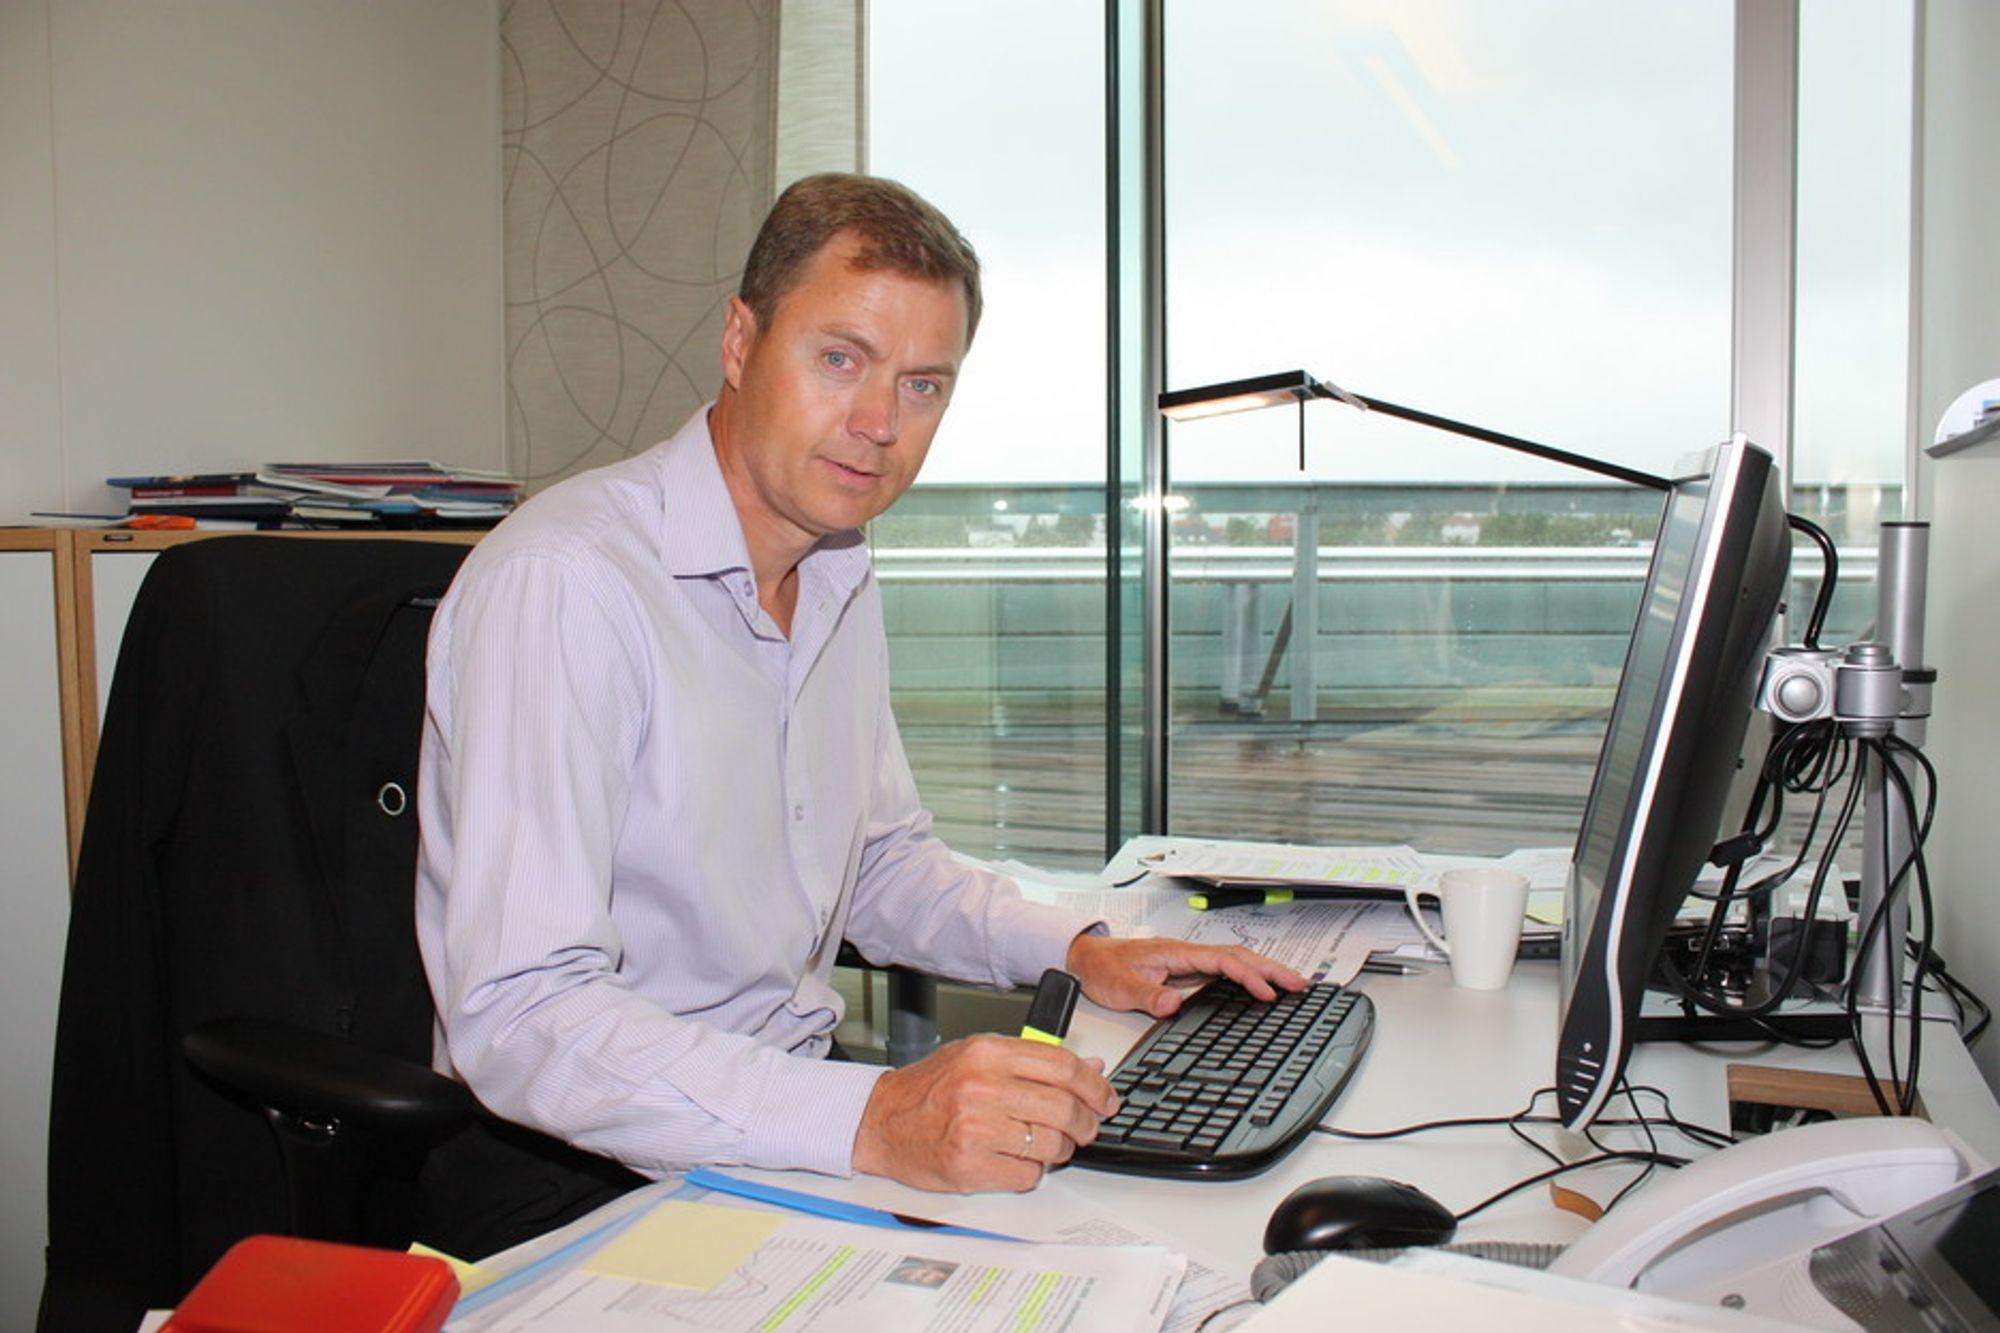 KAN FLYTTE: Knut Sunde i Norsk Industri mener at mange bedrifter kan velge å flytte på grunn av lempfeldig praktisering av eiendomsbeskatningen i de forskjellige kommunene.ustri mener at mange bedrifter kommer til å flytte som et resulatat av lempfeldig